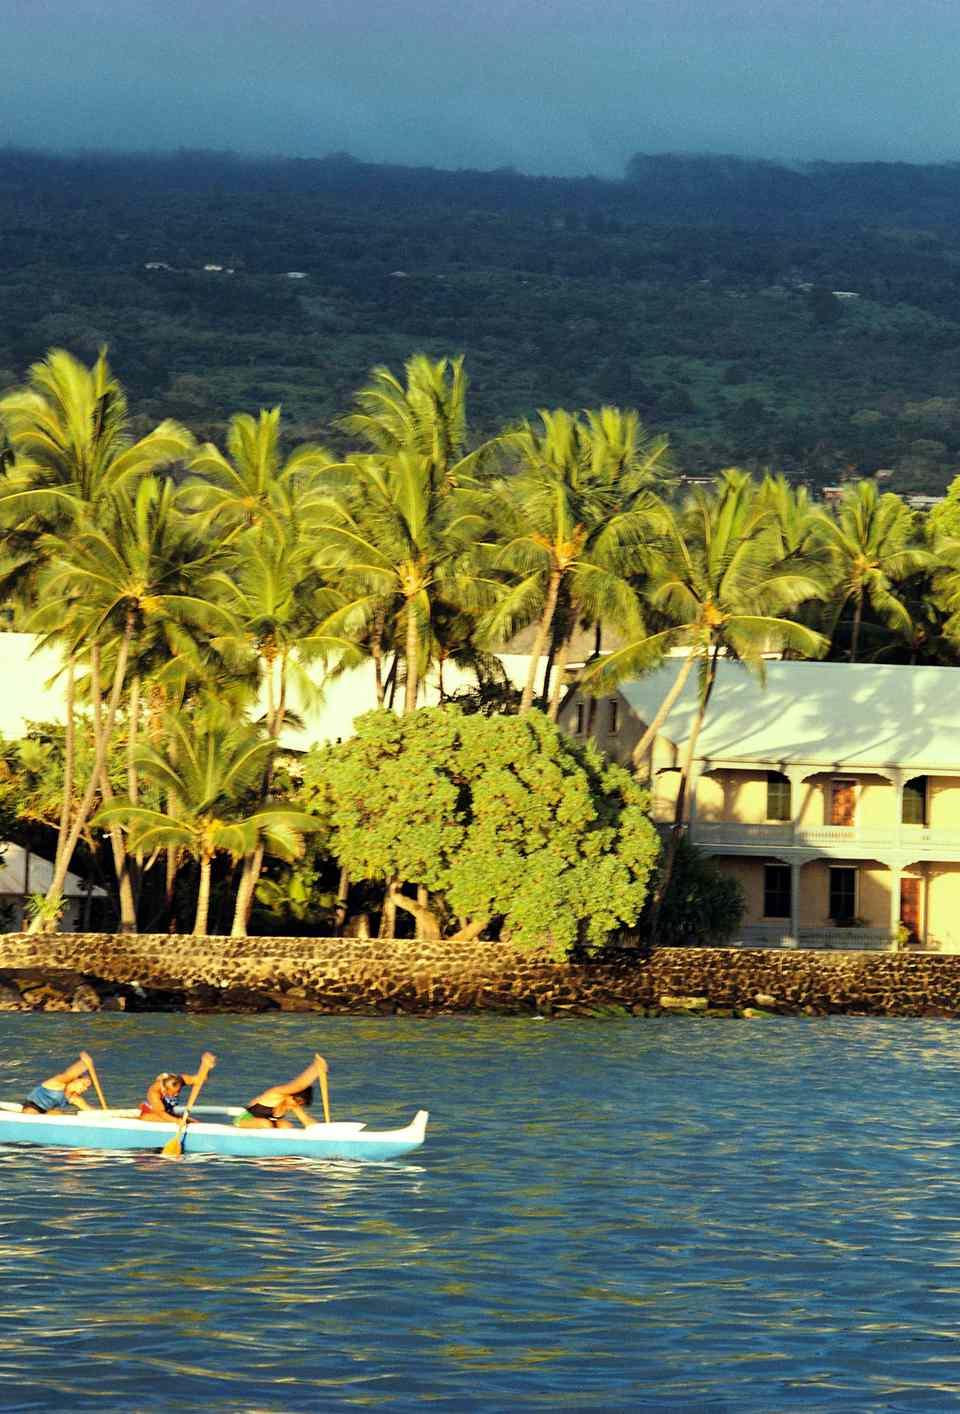 Kailua-Kona, Hawaii Island